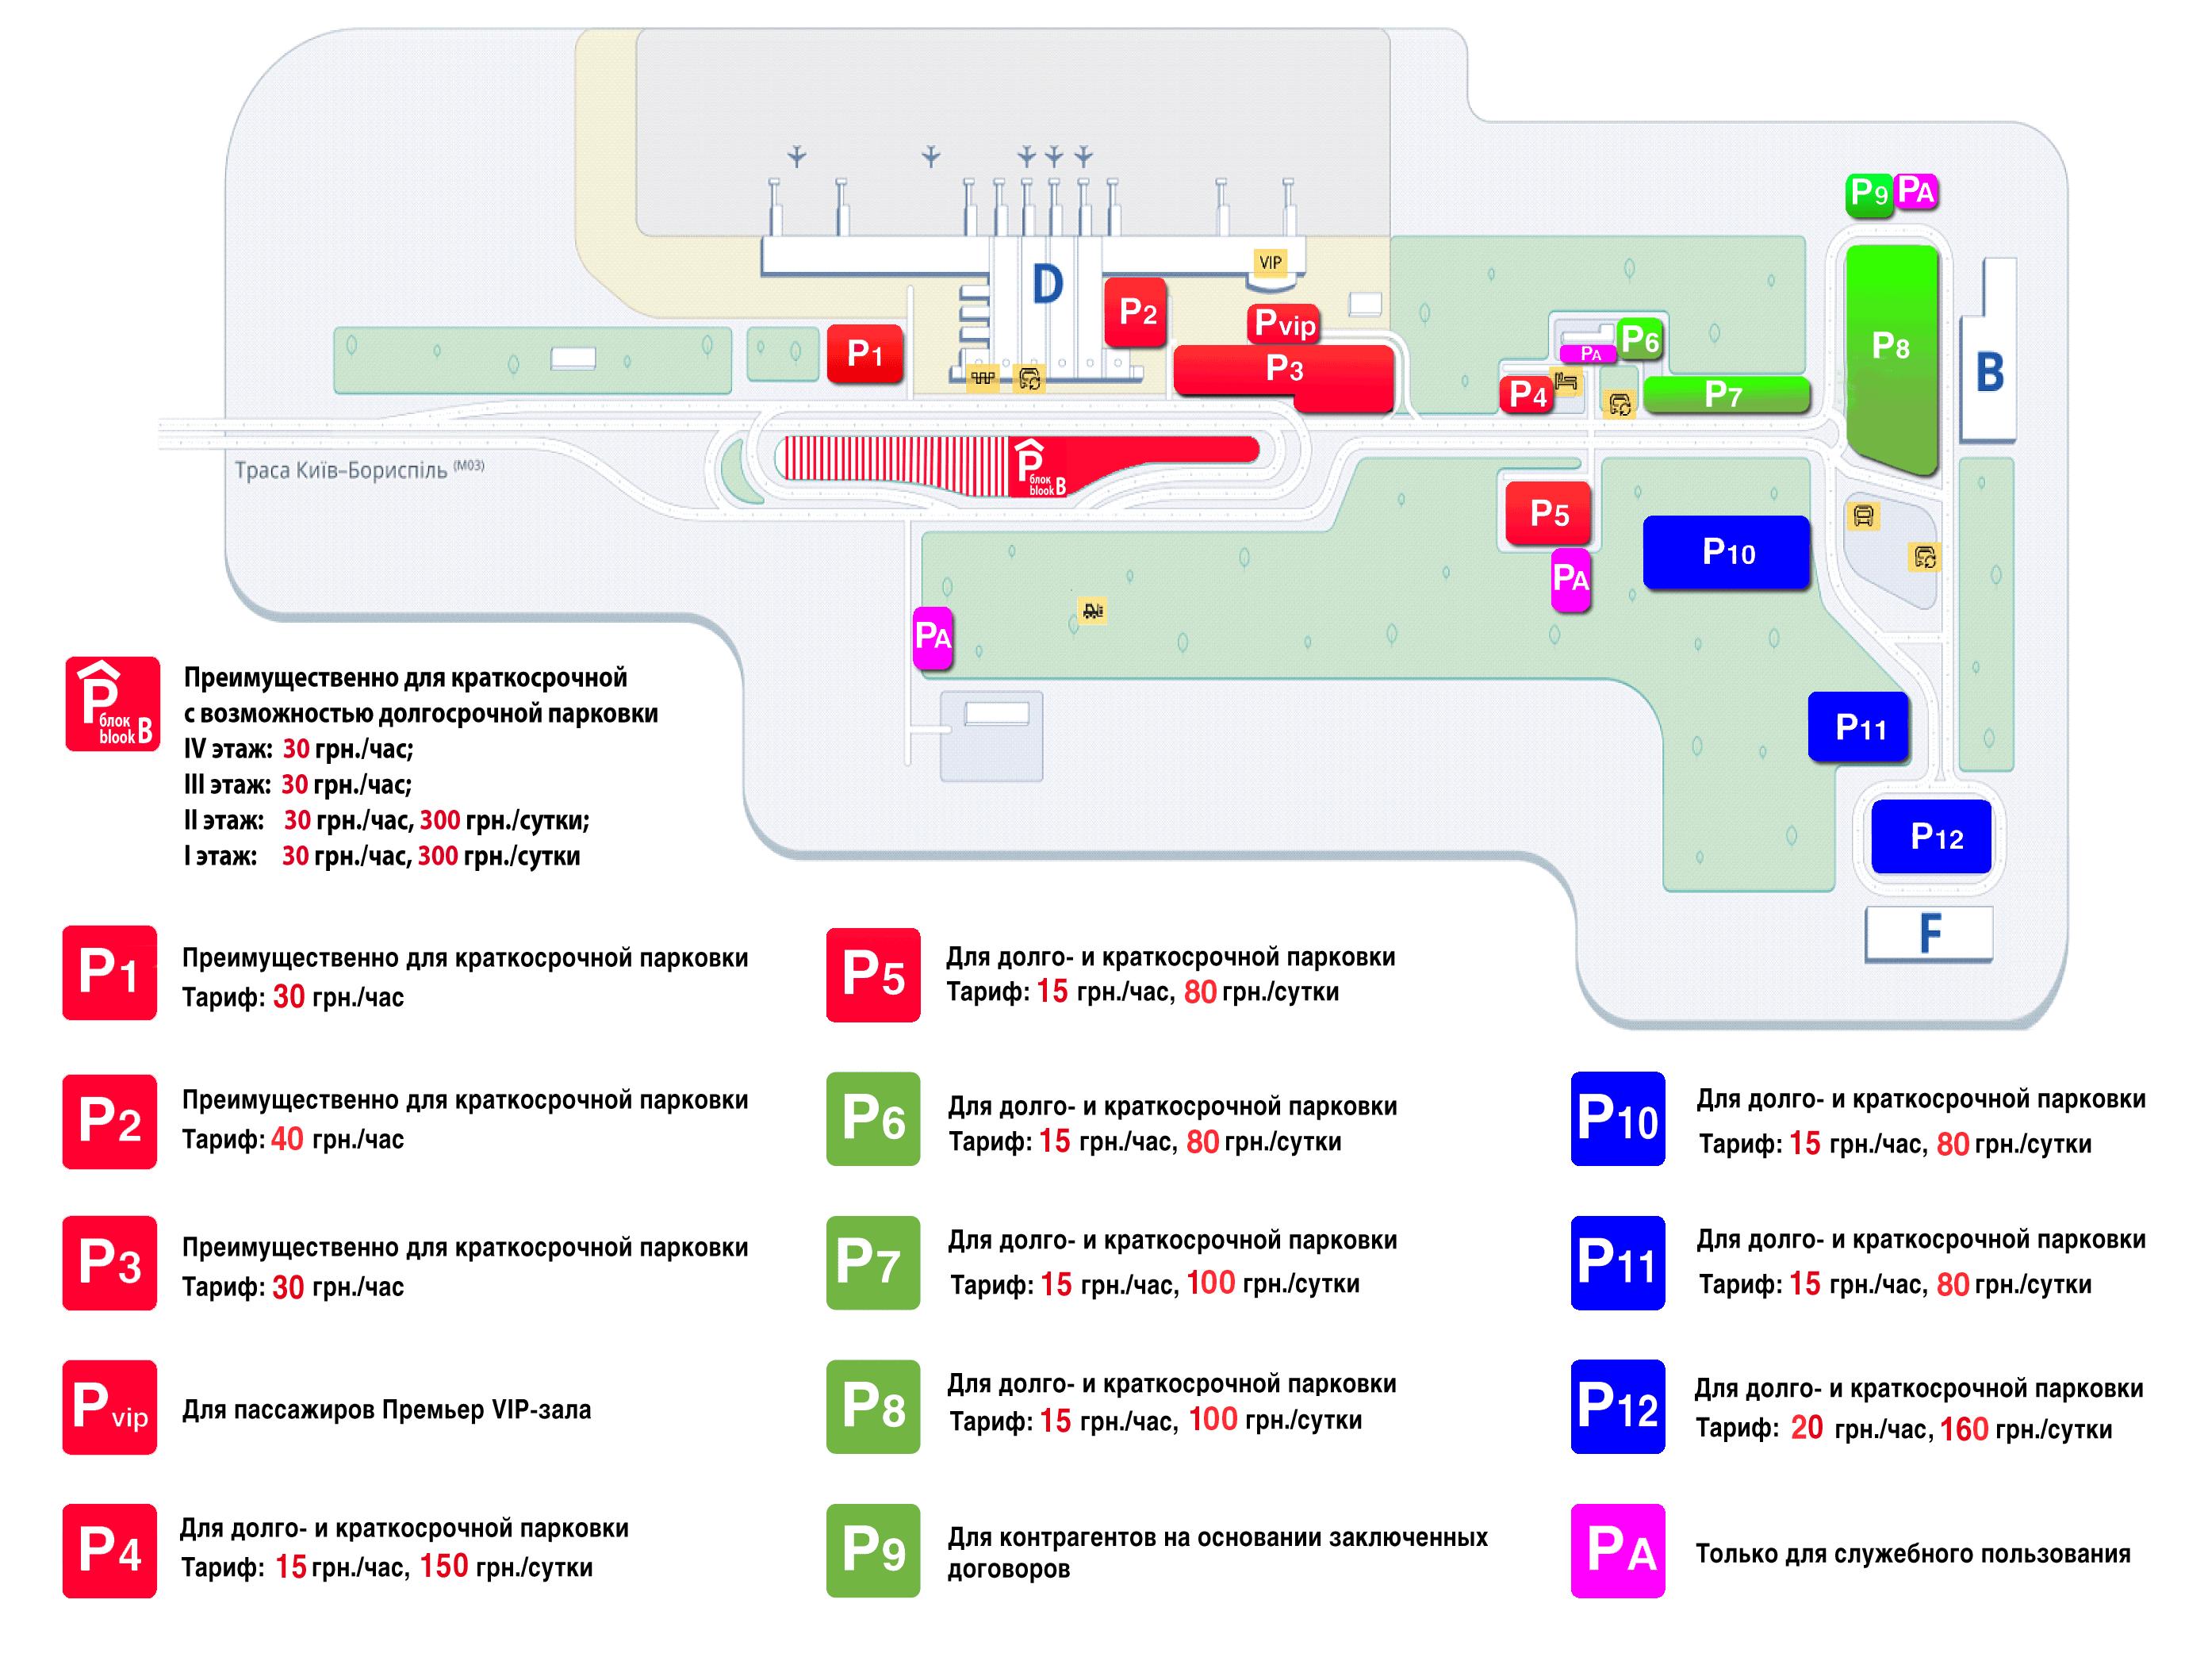 Парковка - аэропорт Борисполь